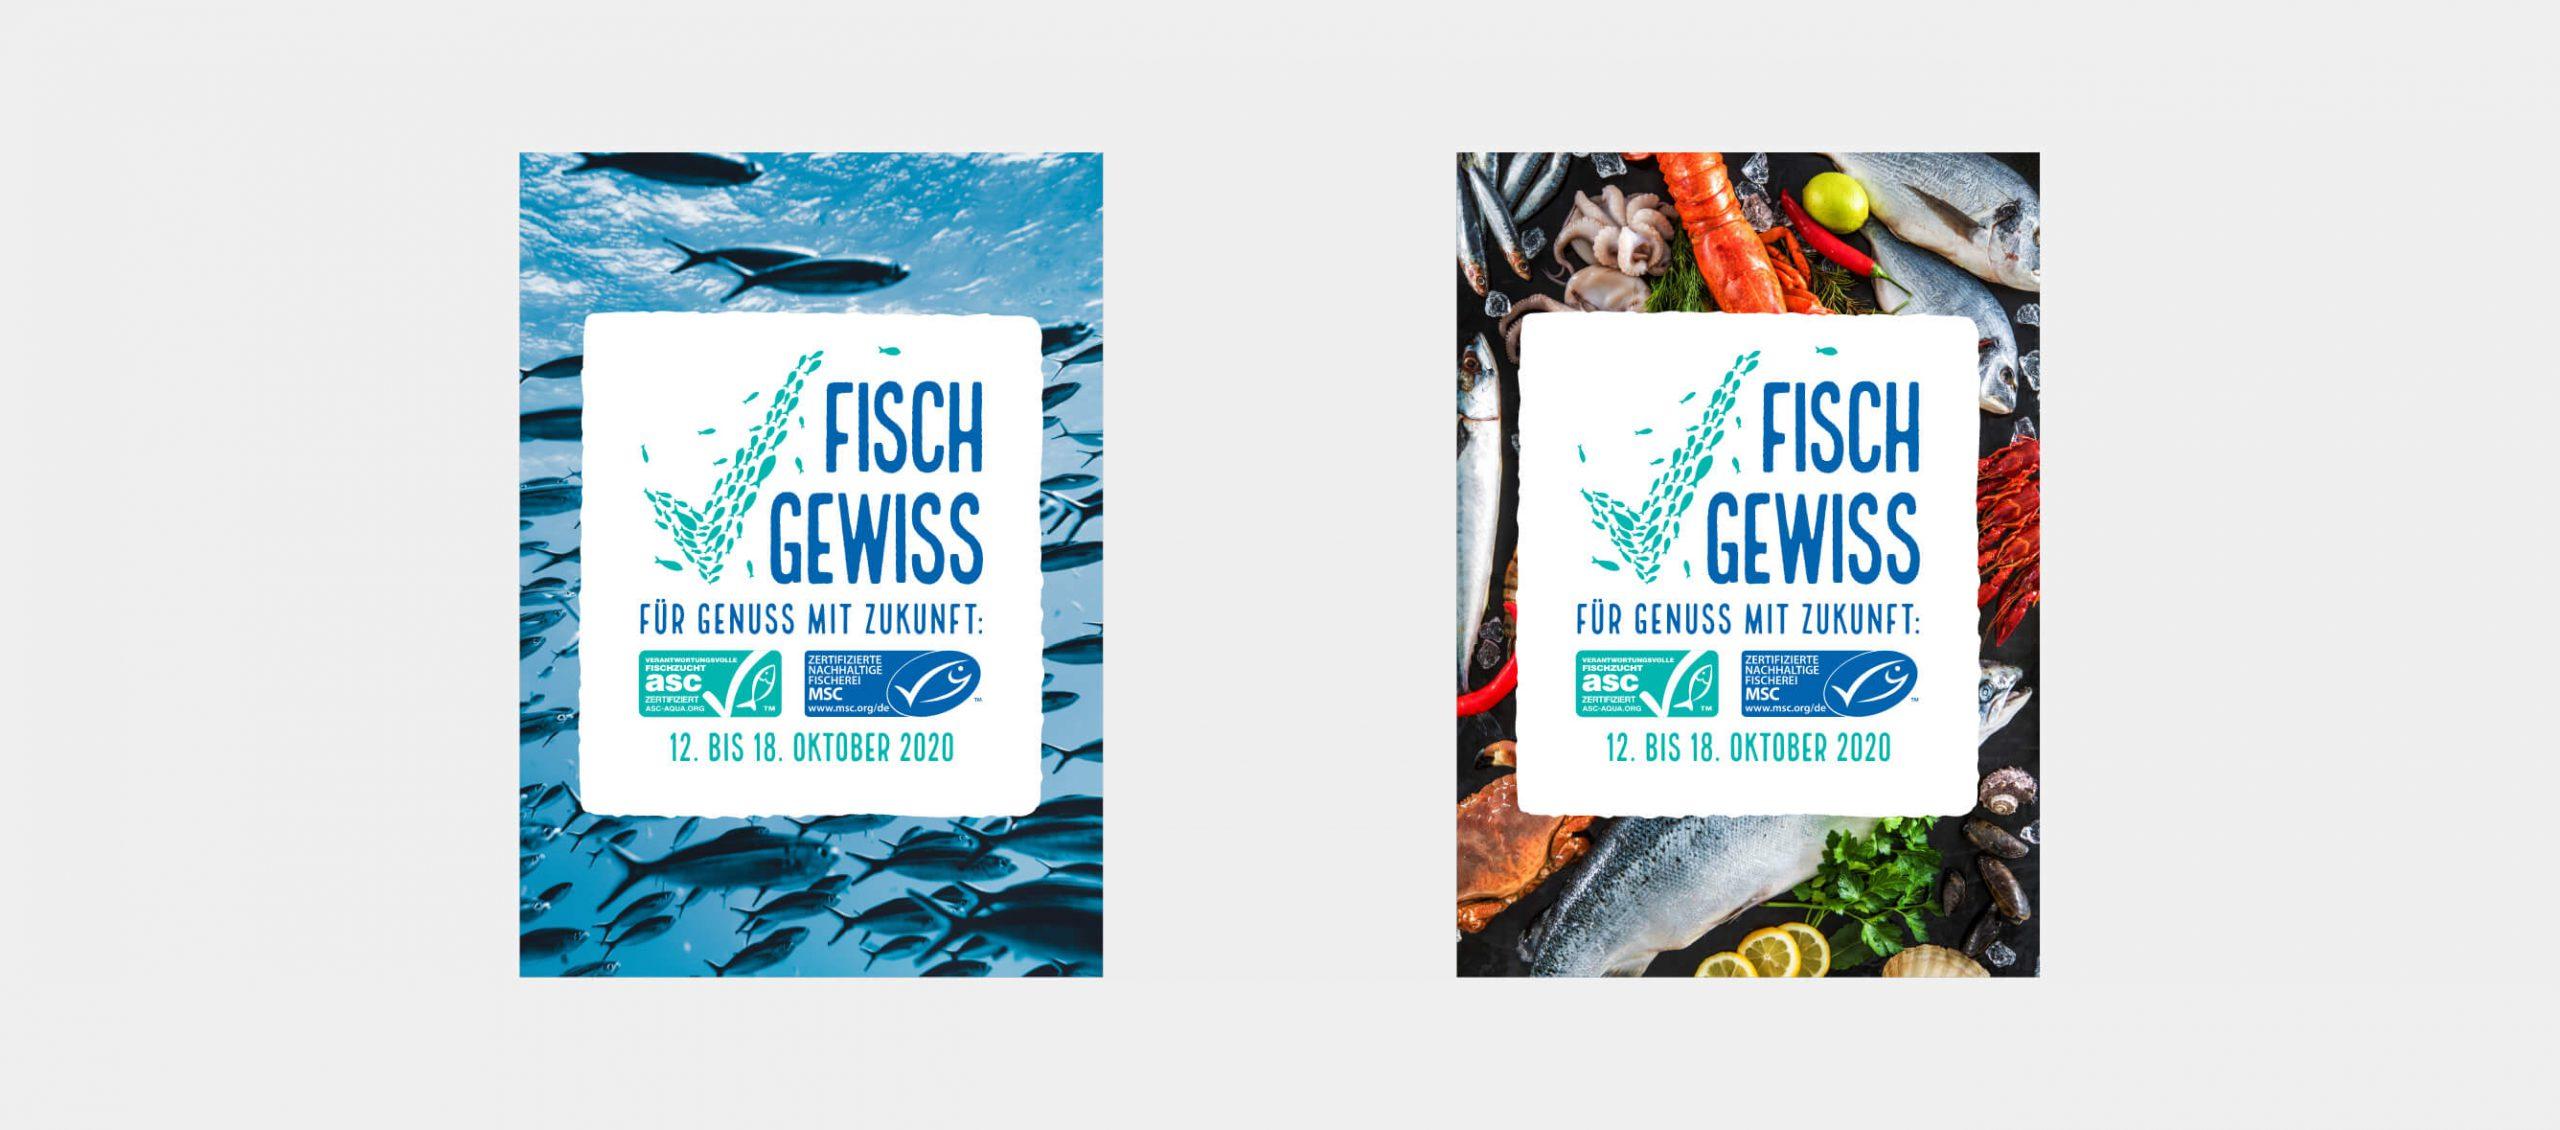 Fisch Gewiss Plakate